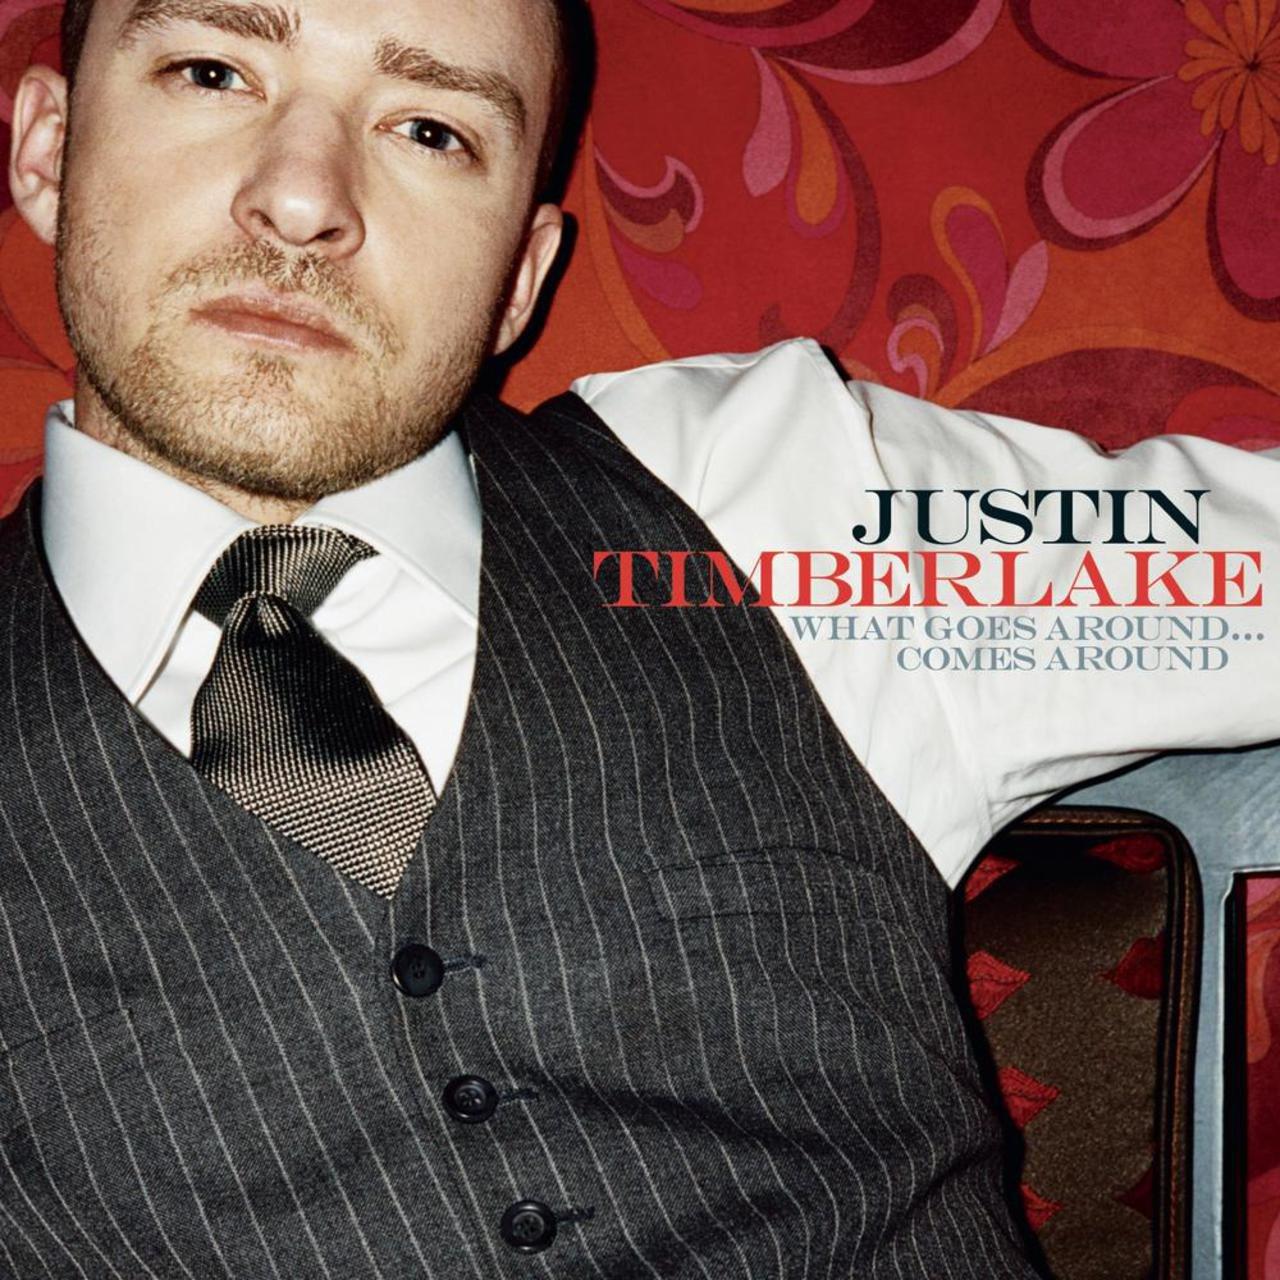 دانلود موزیک ویدیو What Goes Around Comes Around از Justin Timberlake با زیرنویس فارسی